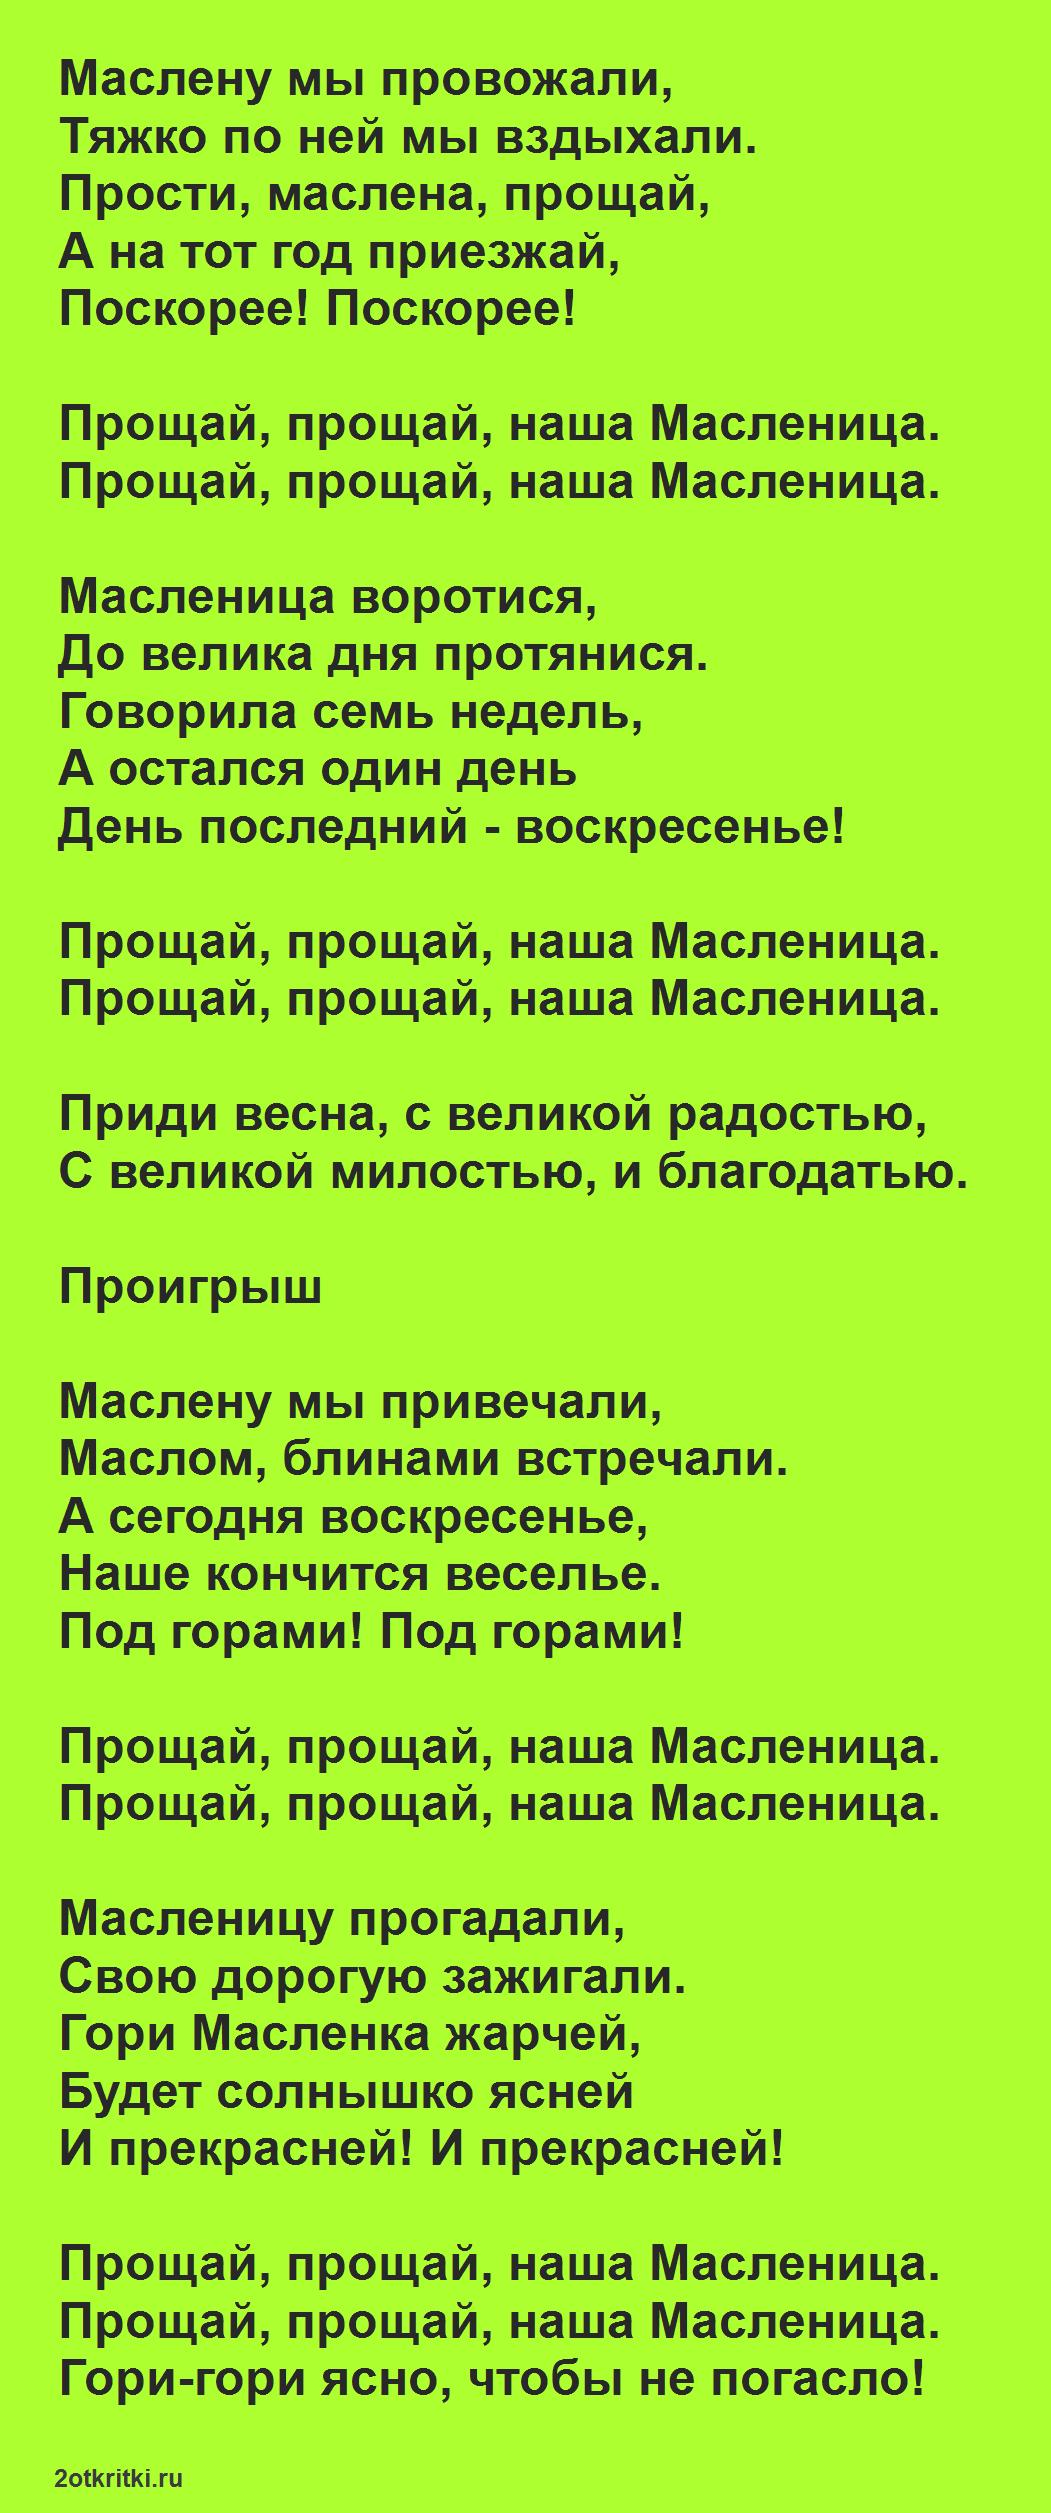 Русские народные песни на масленицу - Прощай, прощай наша масленица